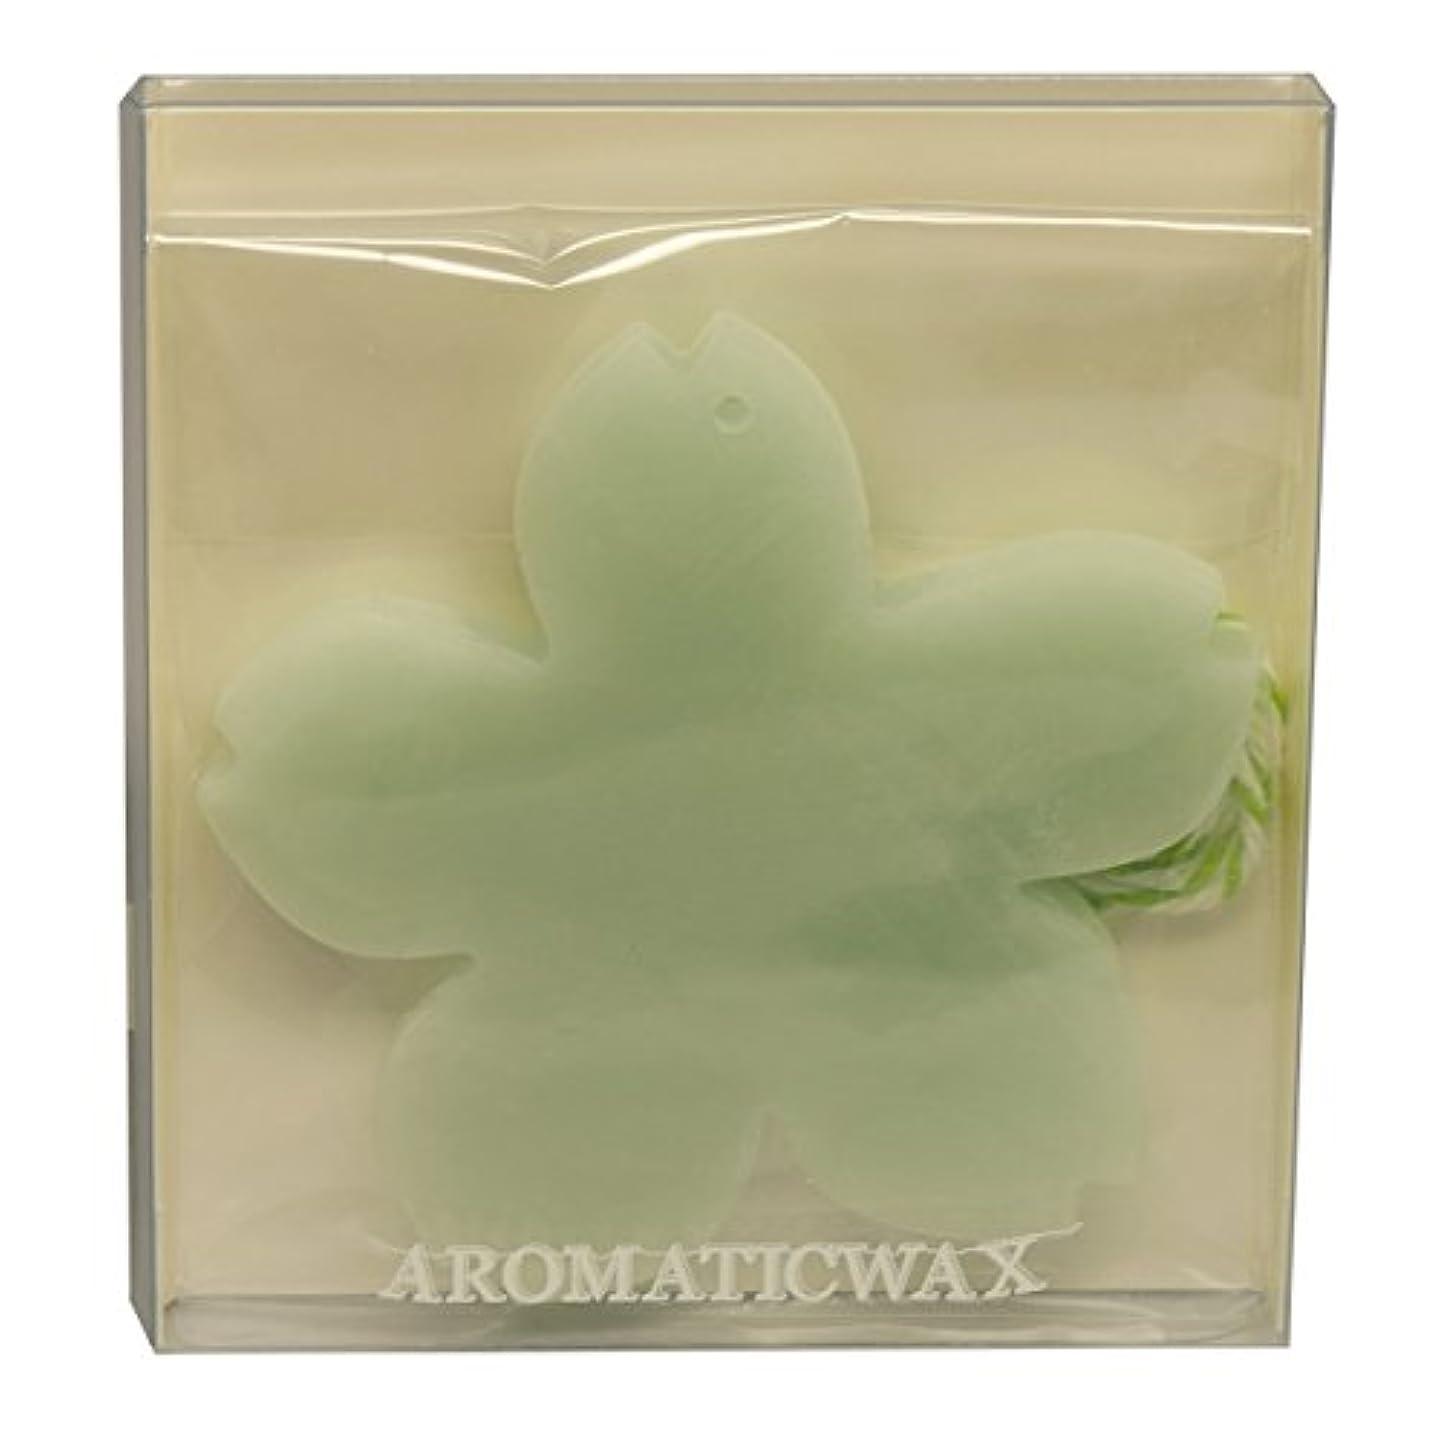 おなかがすいた義務付けられた側面GRASSE TOKYO AROMATICWAXチャーム「さくら」(GR) レモングラス アロマティックワックス グラーストウキョウ